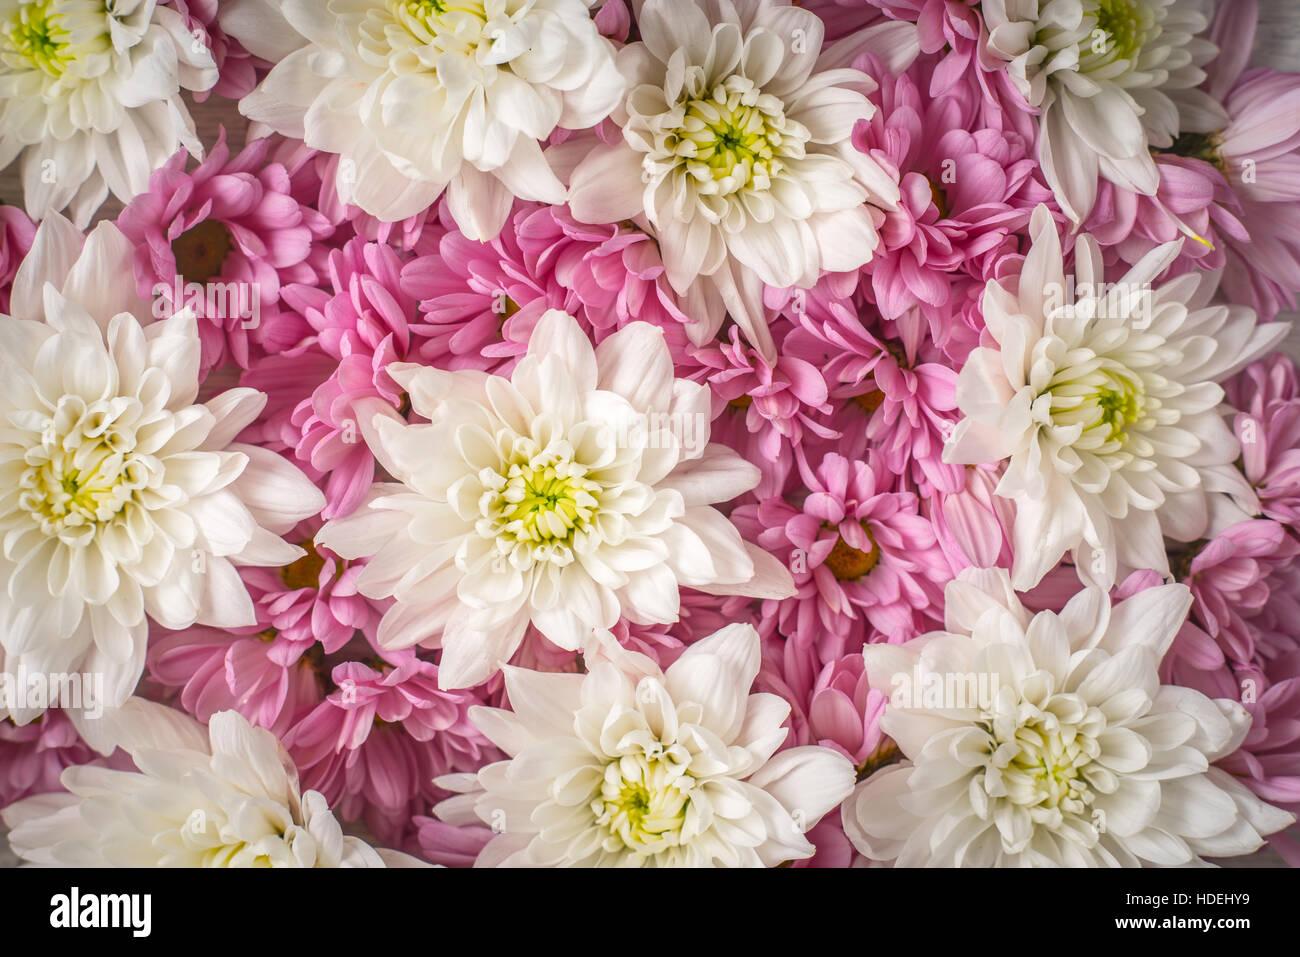 Différentes fleurs nature pétale plante fleur Photo Stock